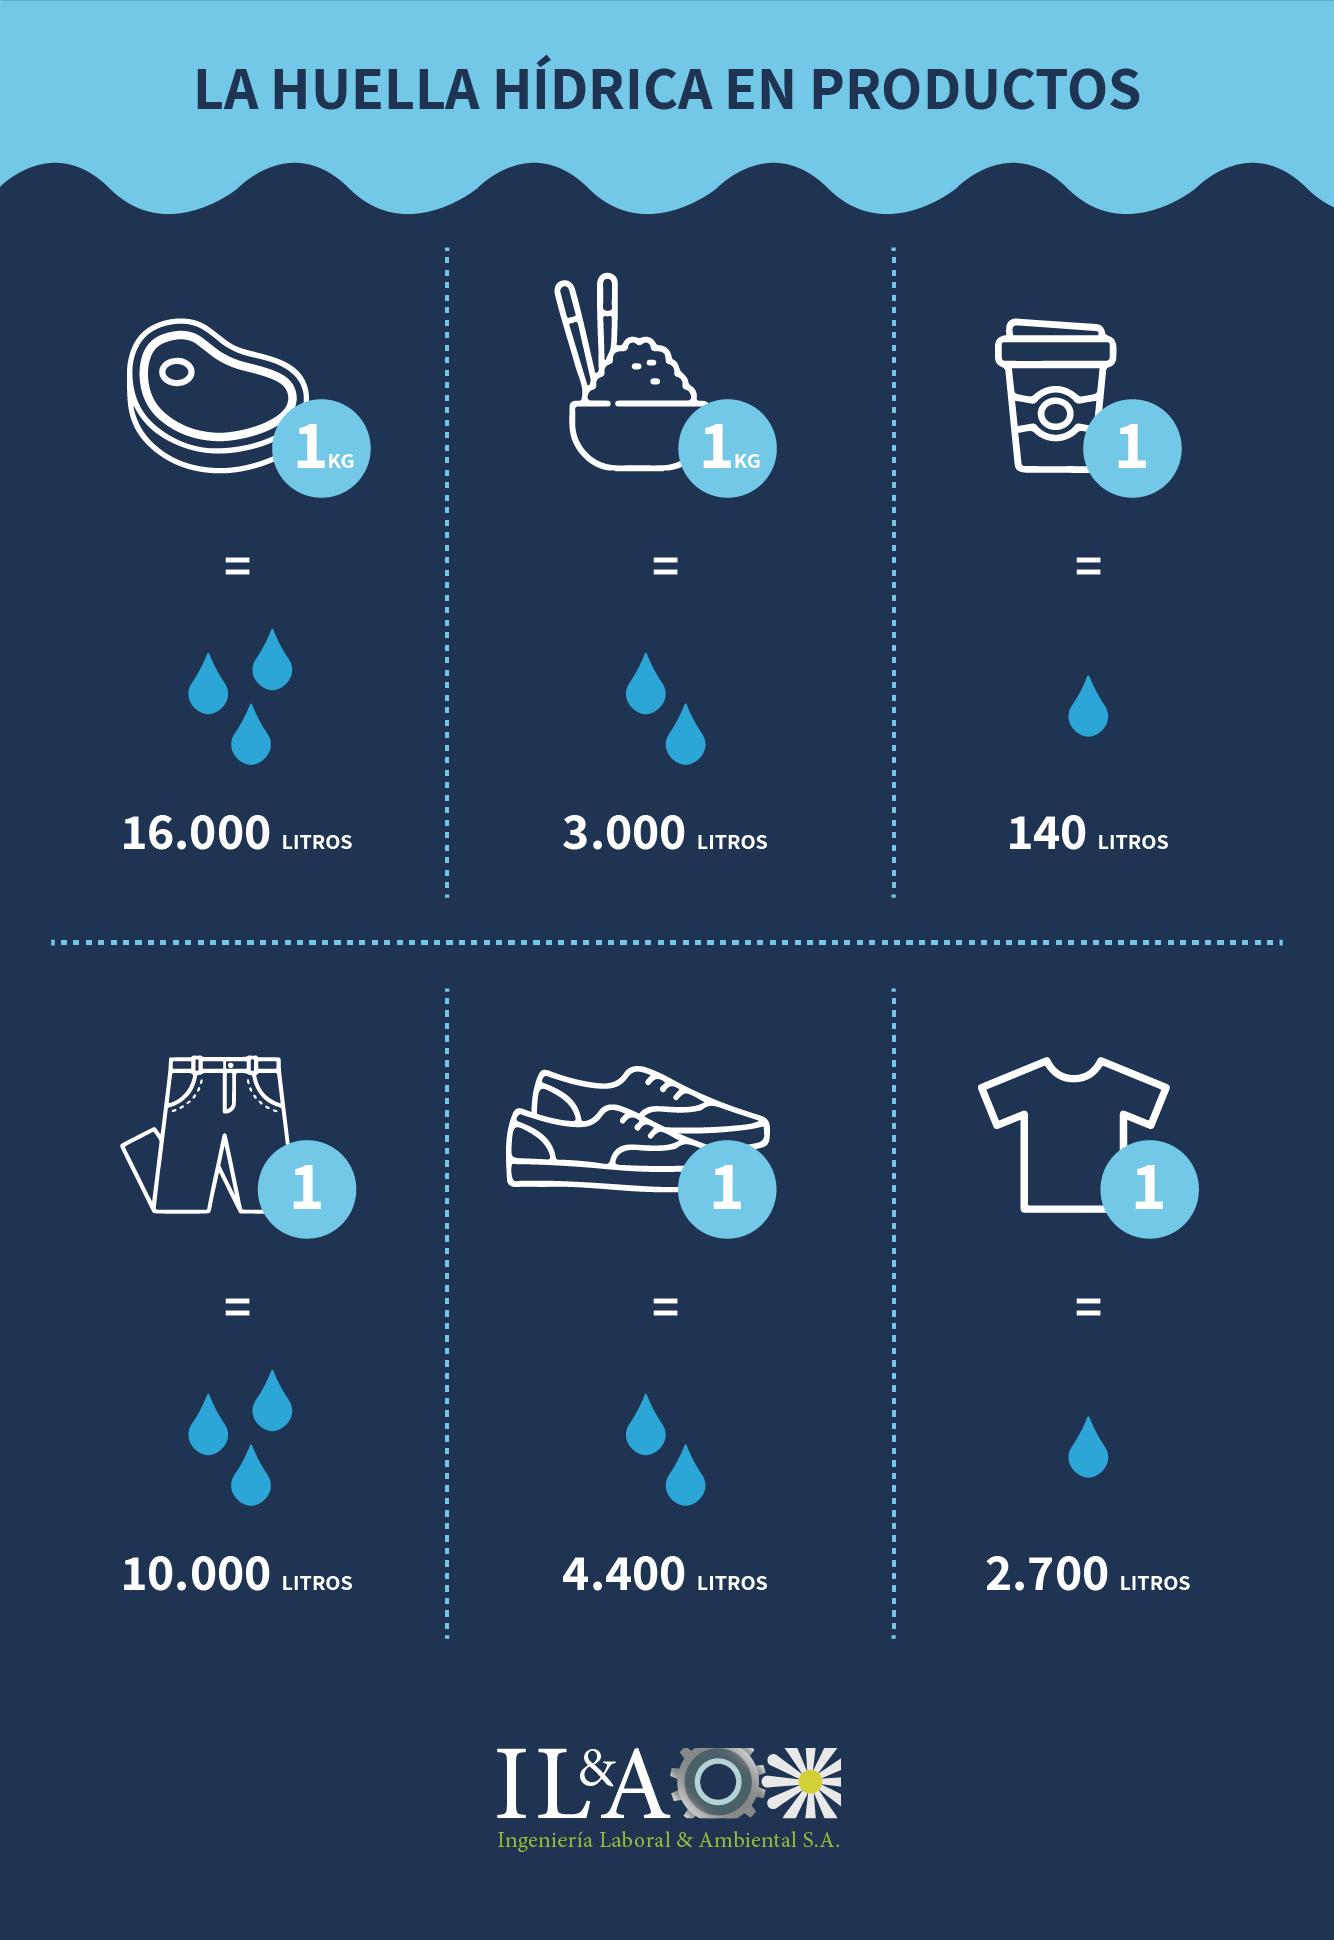 Huella hídrica: Una apuesta para reducir nuestro consumo de agua